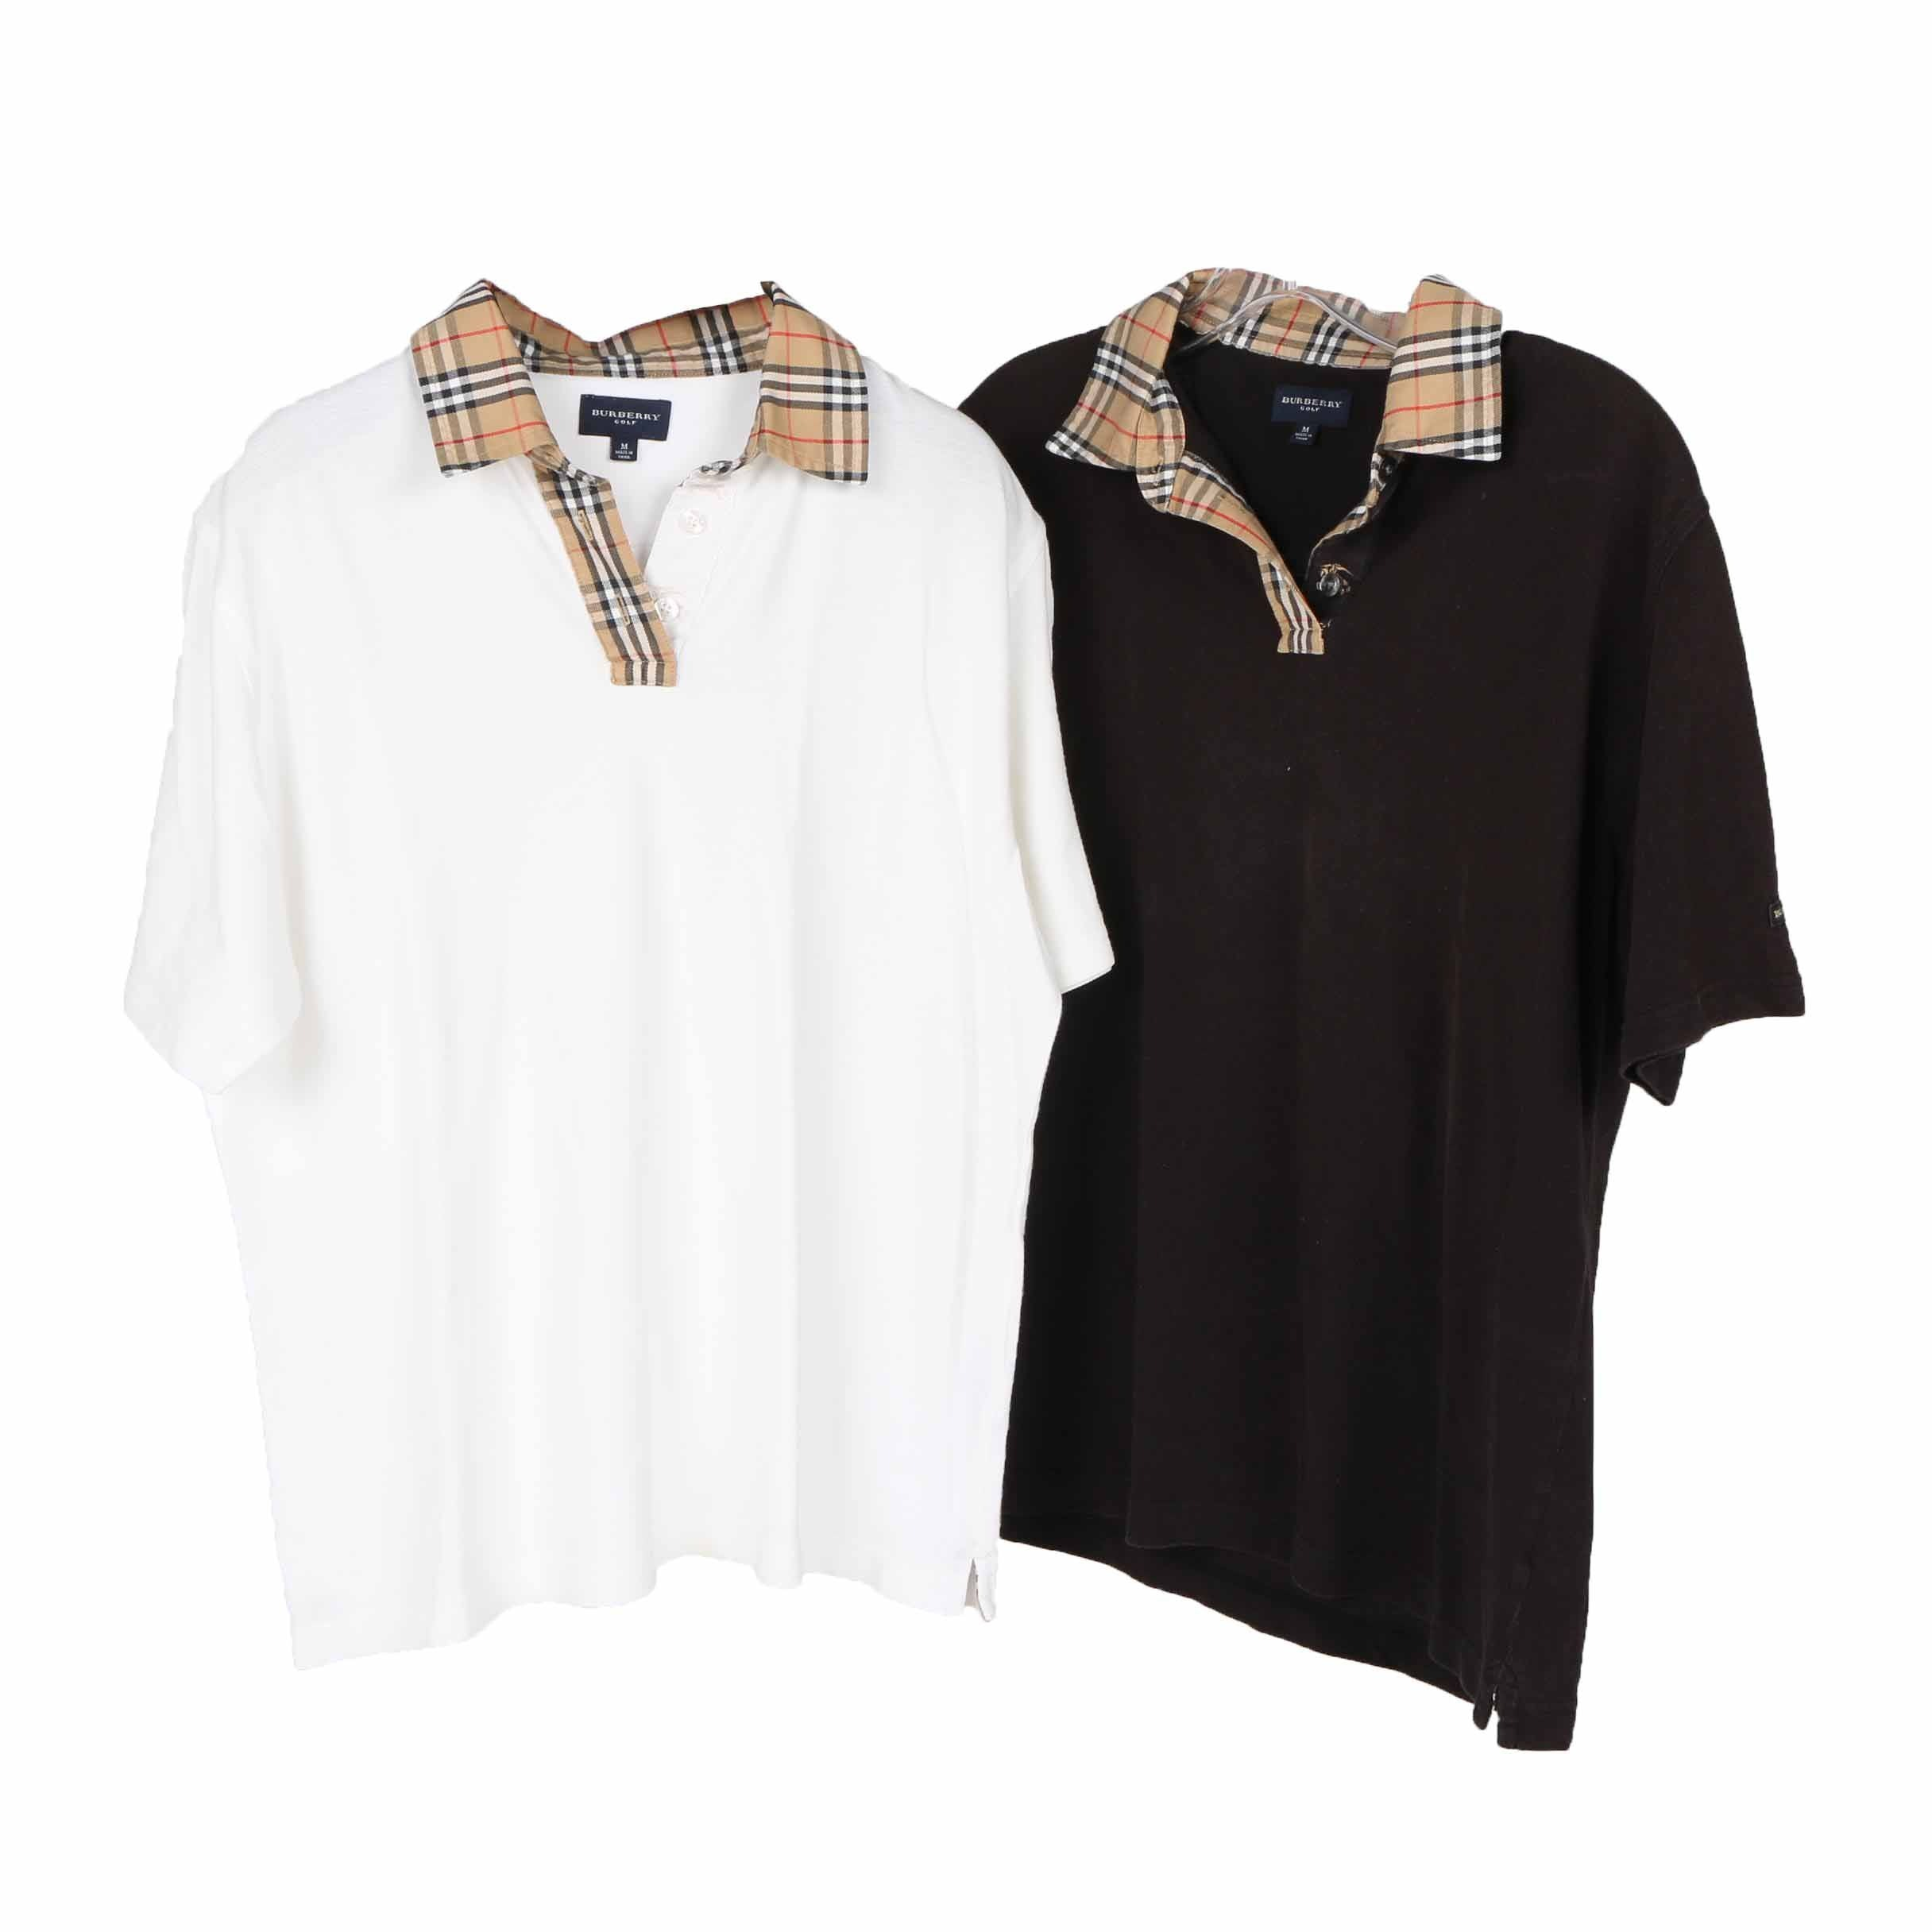 Burberry Women's Golf Shirts